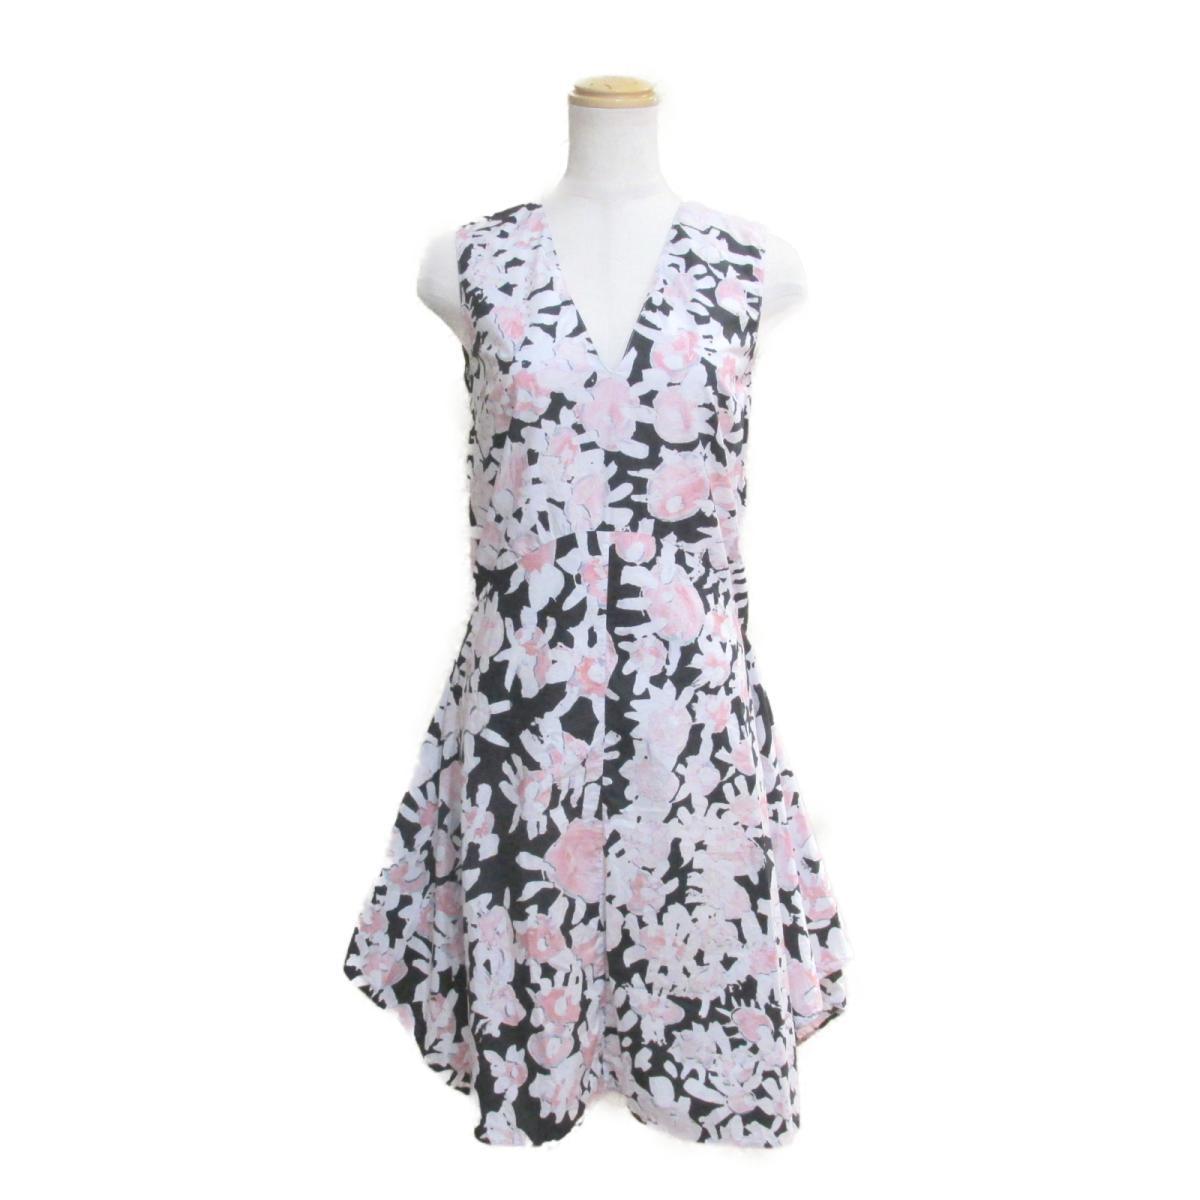 【中古】 マルニ ワンピース レディース コットン ピンク x ホワイト ブラック   MARNI BRANDOFF ブランドオフ 衣料品 衣類 ブランド